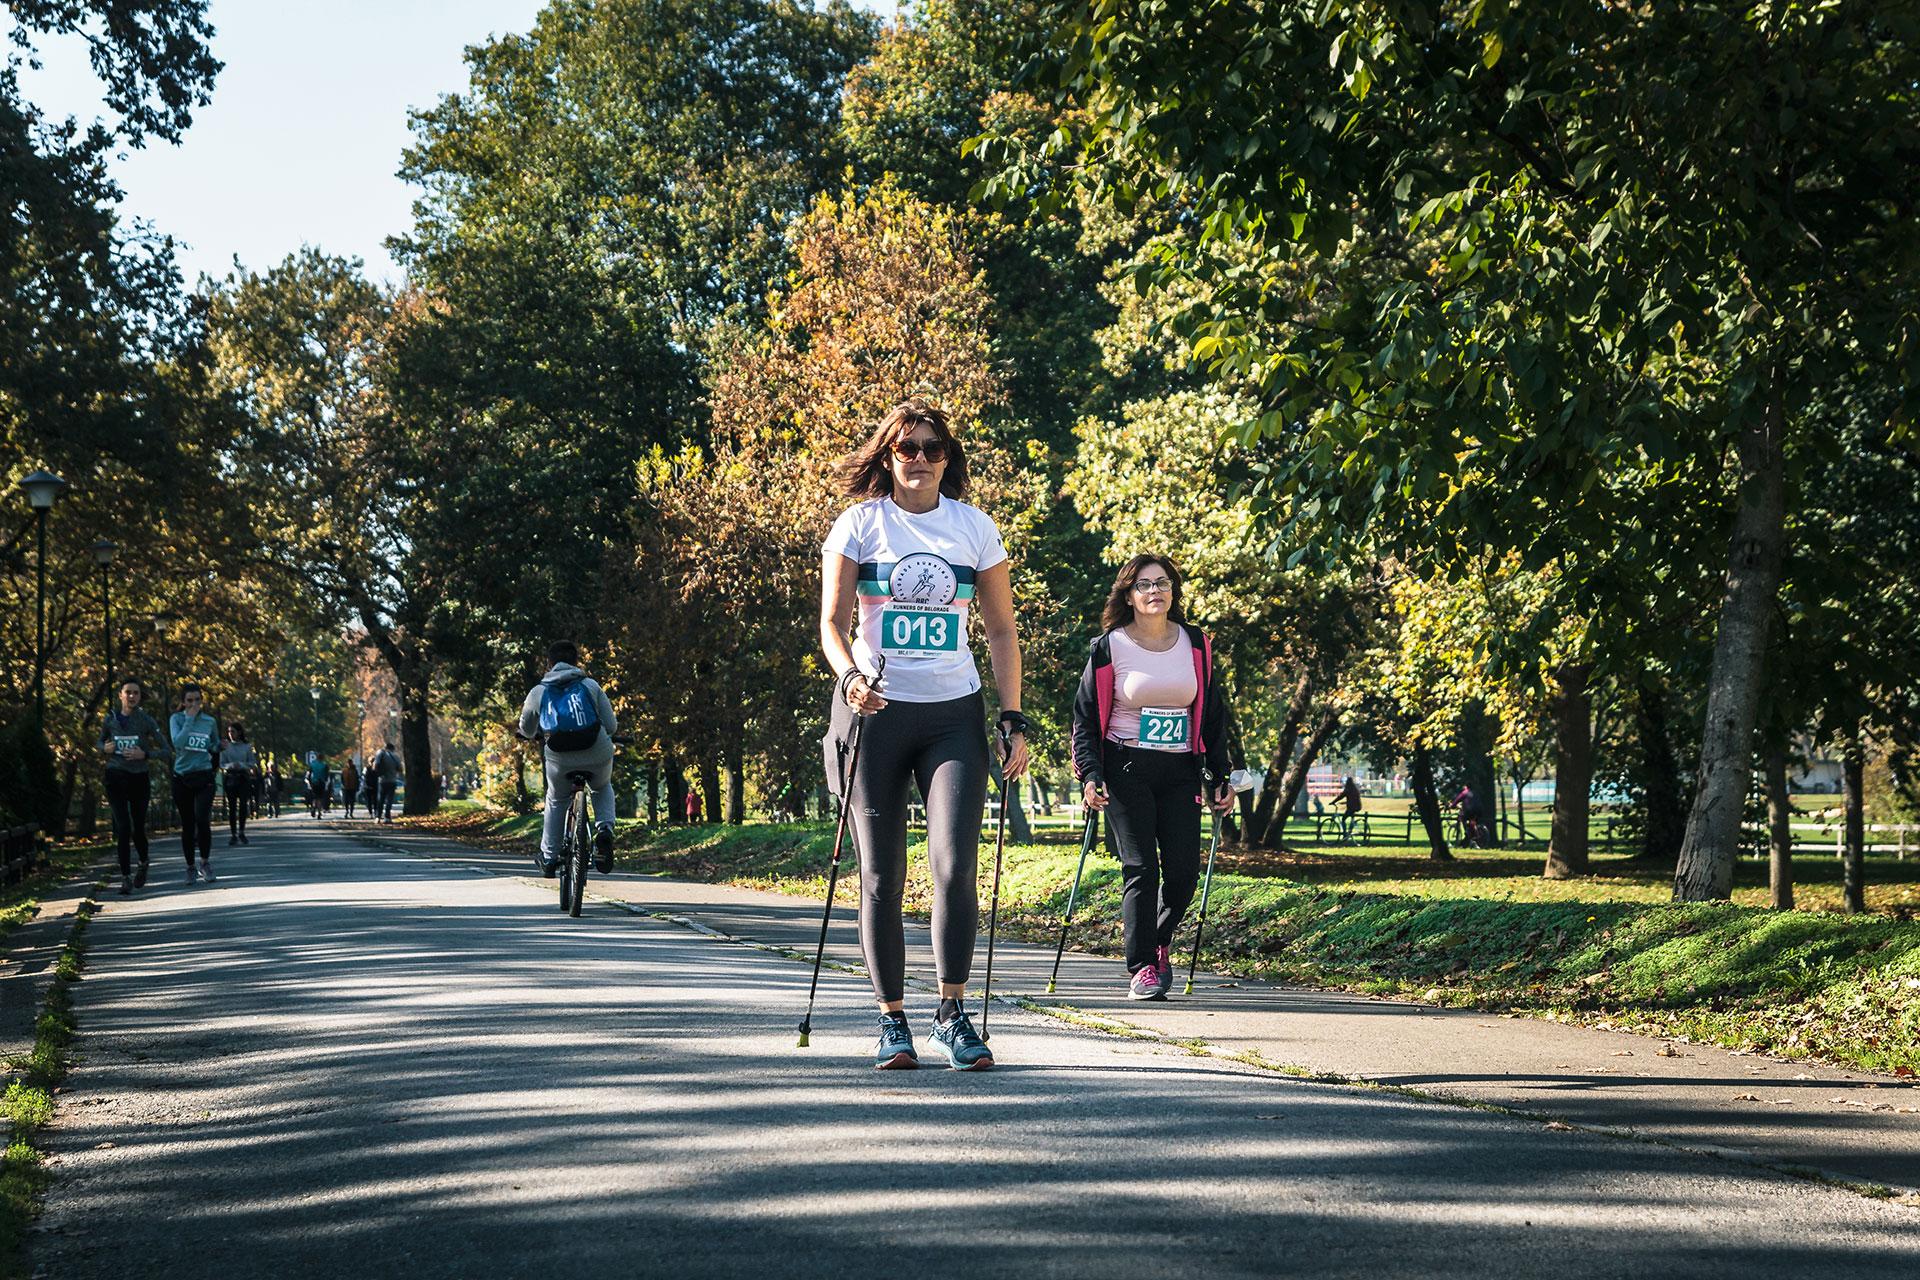 Dobro došli u svet nordijskog hodanja - Nordijsko hodanje Srbije